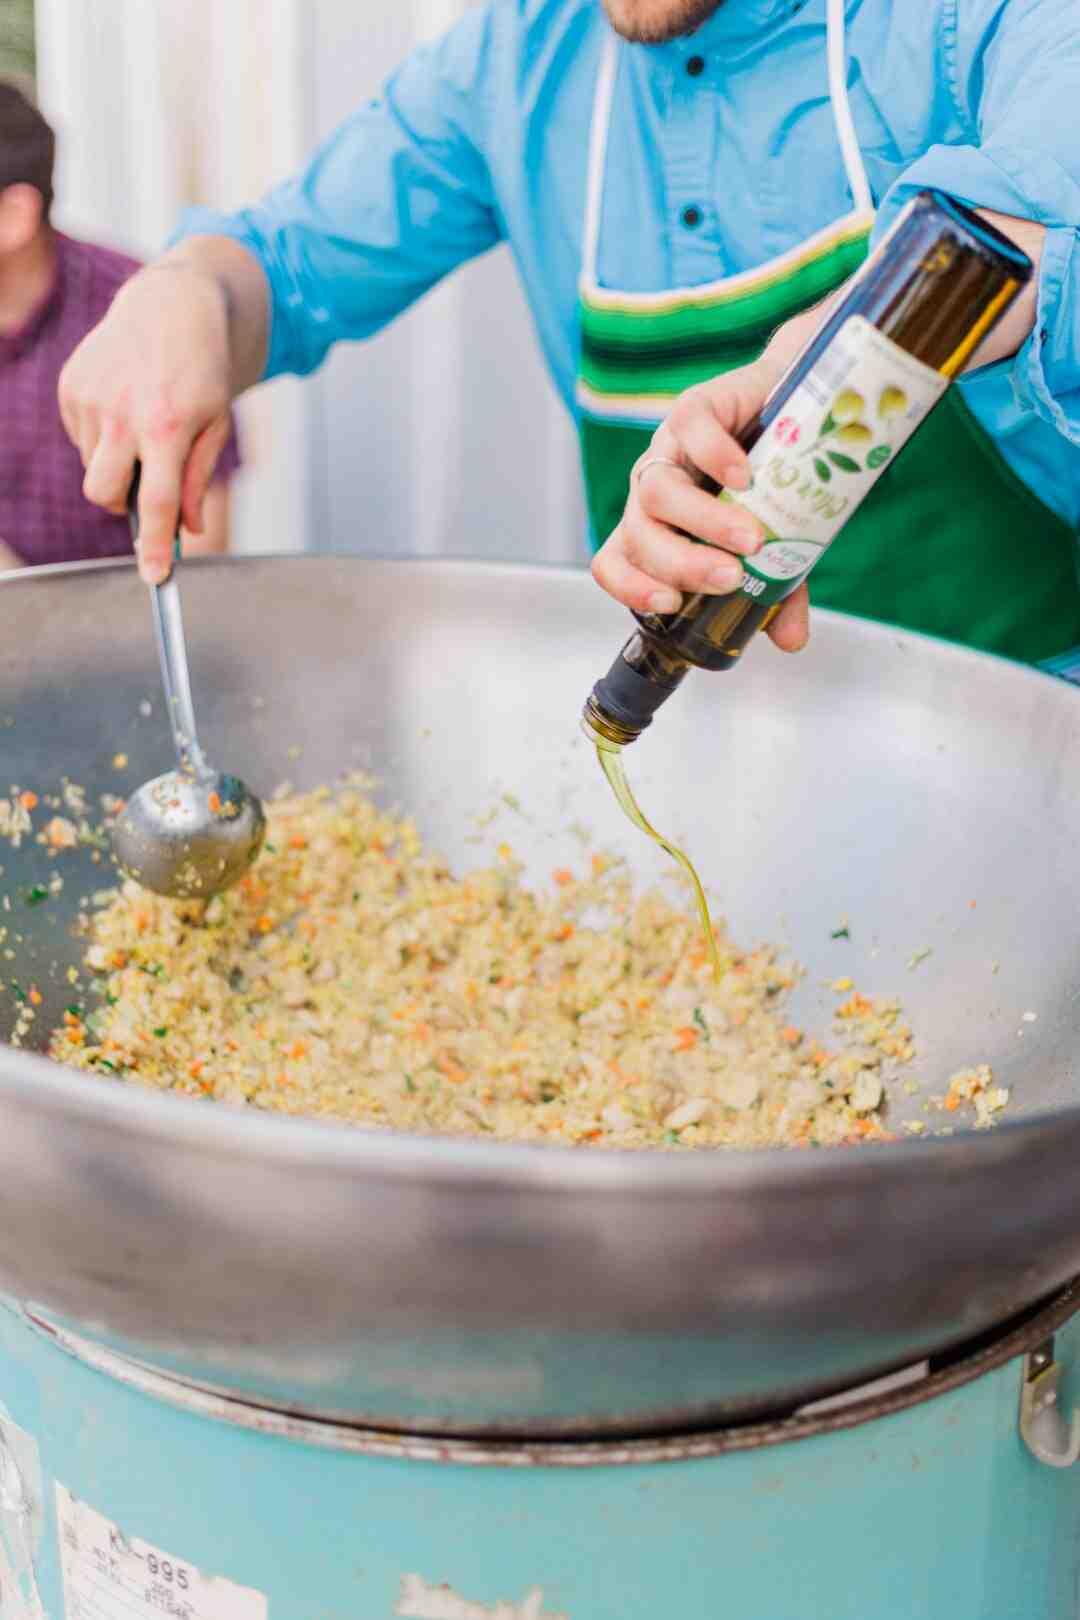 Comment réutiliser l'huile de cuisson